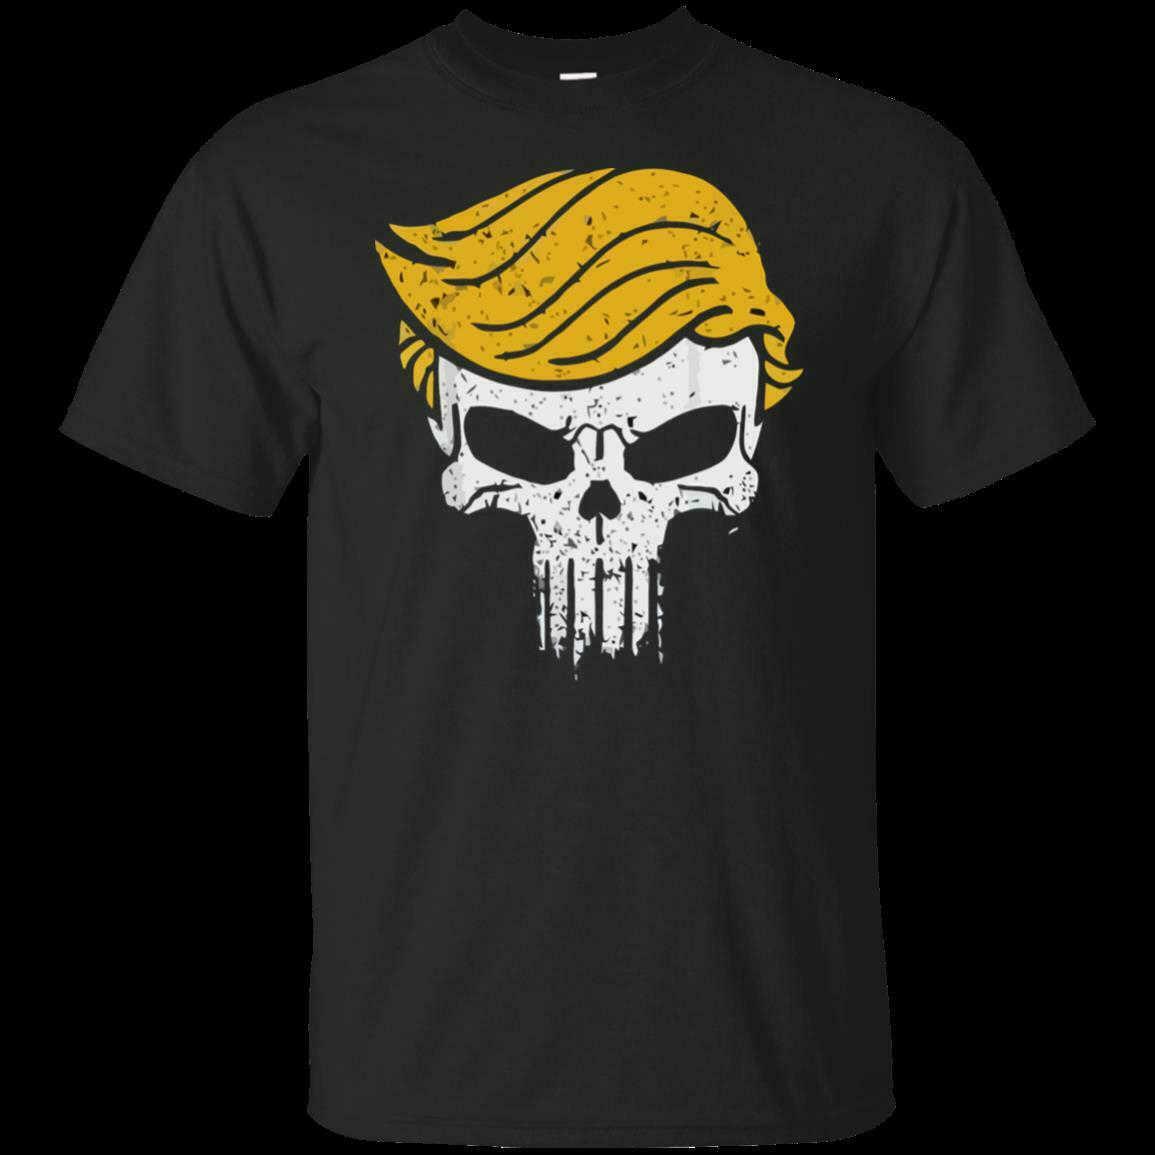 黒、海軍 Tシャツおかしいトランプ-スカルトランプパニッシャーパロディーギフト男性の Tシャツ